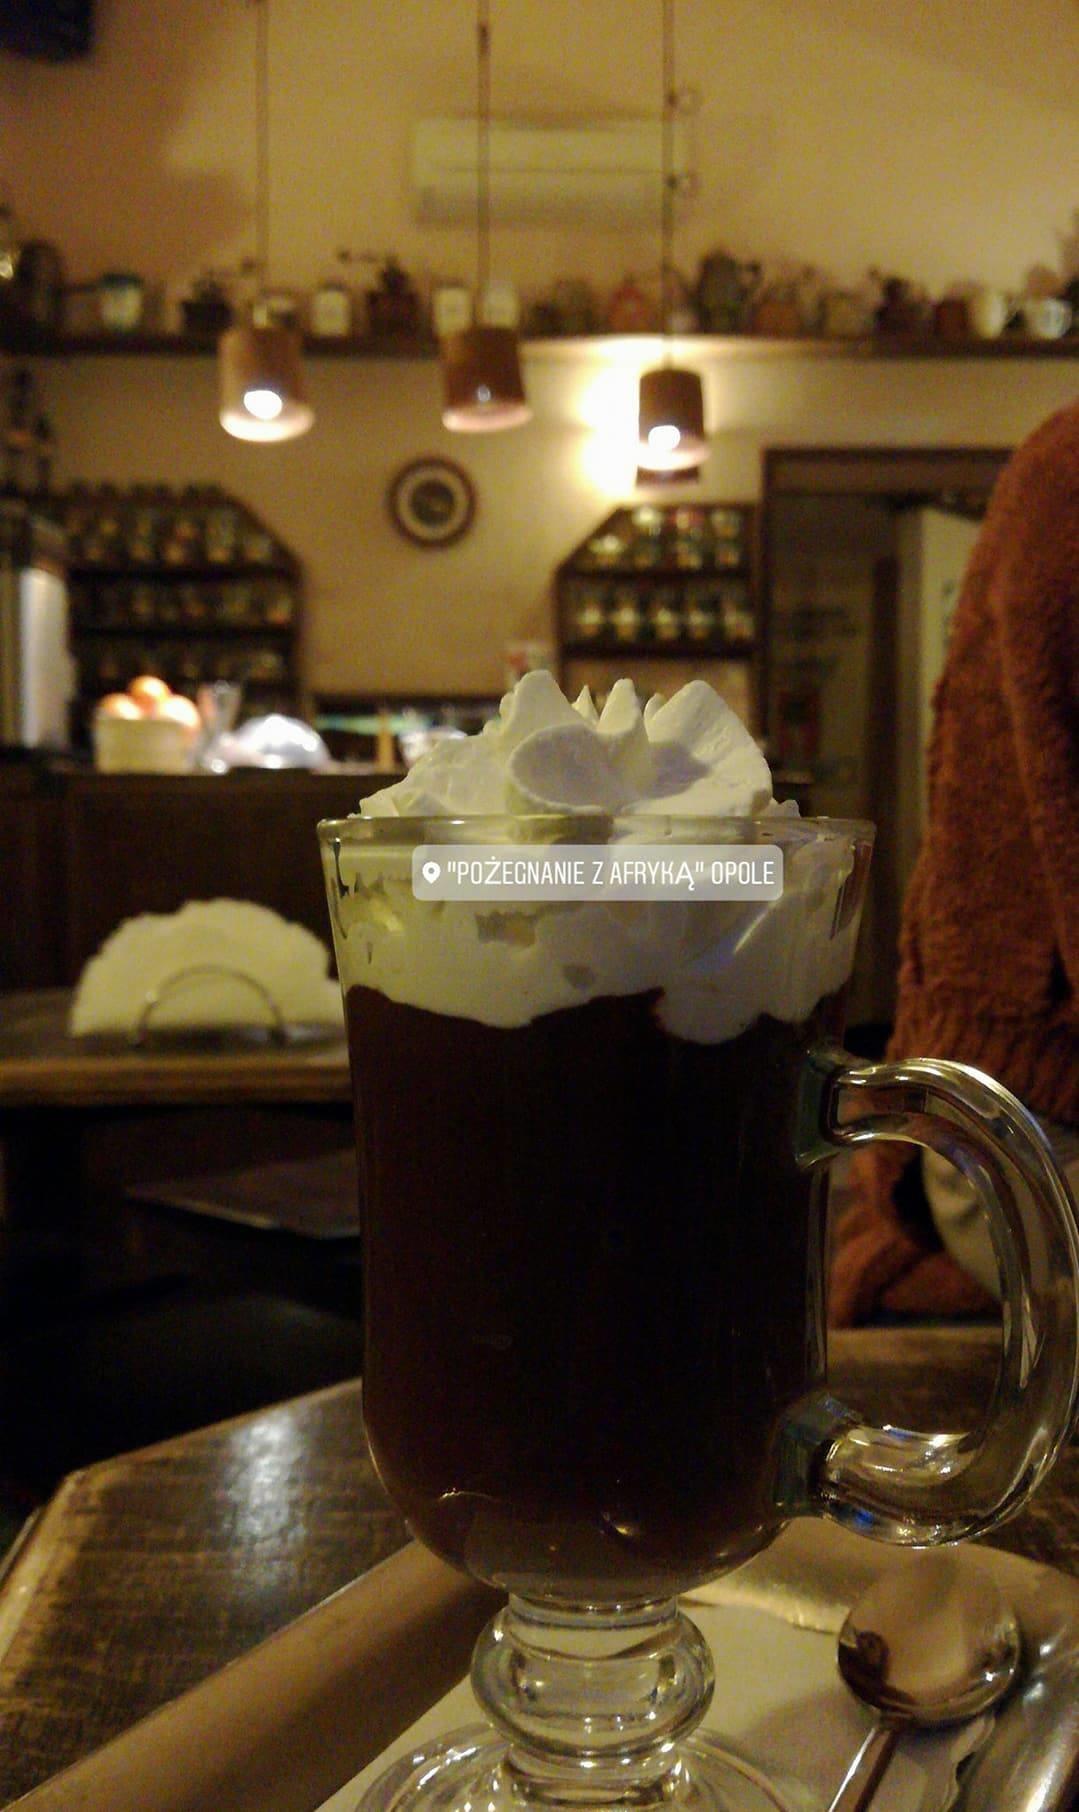 verdadeiro-chocolate-quente-2b17c8f6864e